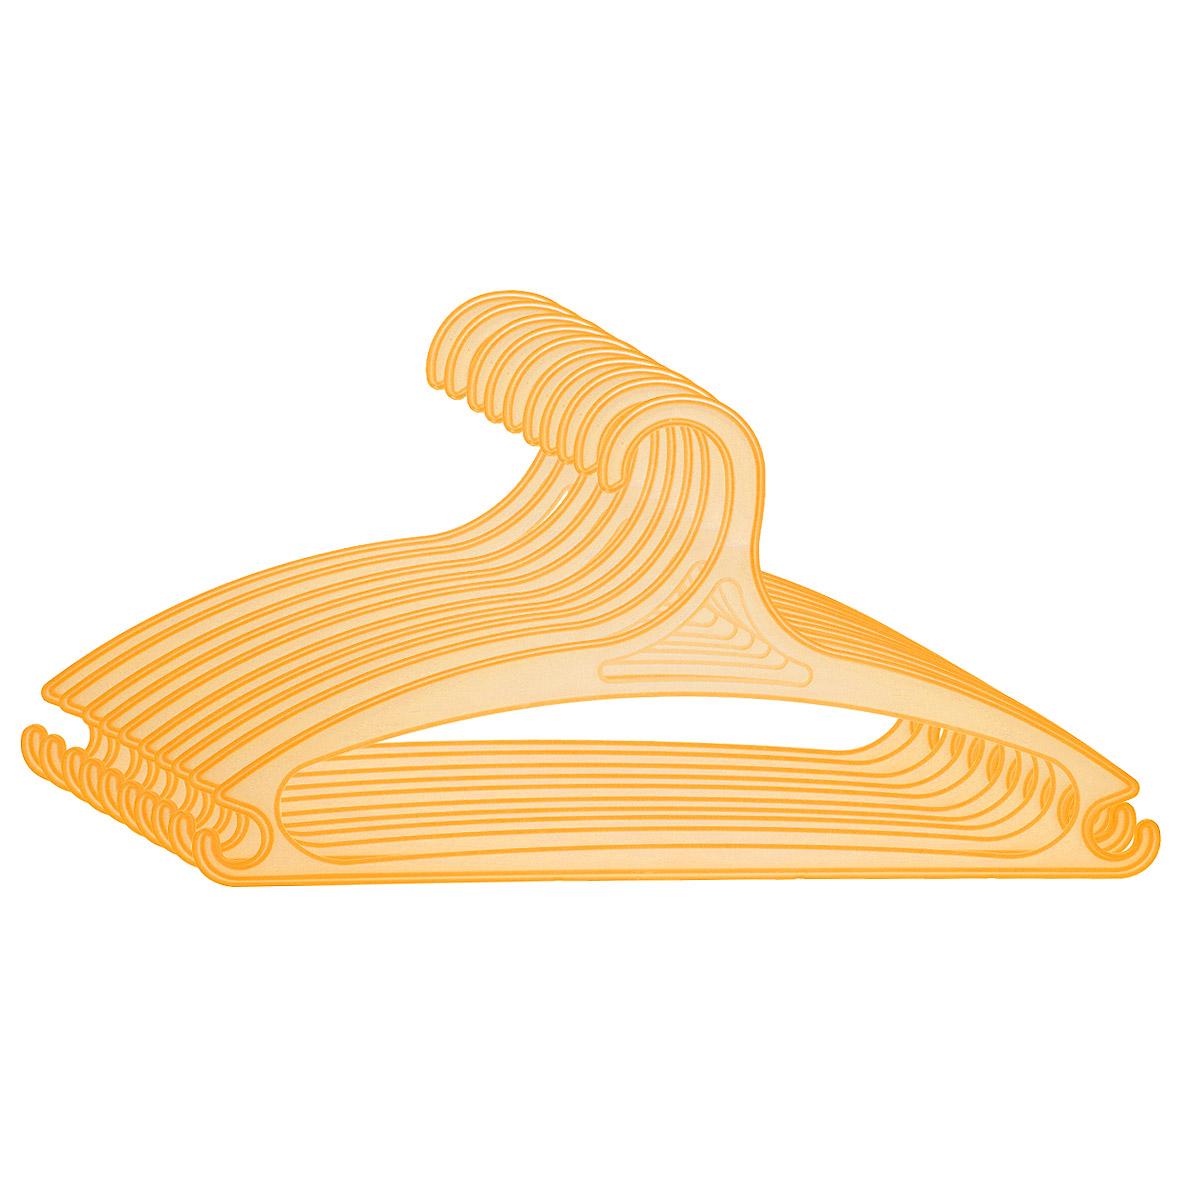 Набор вешалок для одежды MTM Оптима, цвет: оранжевый, 10 шт4154_оранжевыйУниверсальные вешалки для одежды MTM Оптима изготовлены из легкого и гибкого пластика. Изделия оснащены перекладиной и двумя крючками по бокам. Вешалка - это незаменимая вещь для того, чтобы ваша одежда всегда оставалась в хорошем состоянии. Комплектация: 10 шт. Размер вешалки: 39,5 х 20 х 0,5 см.